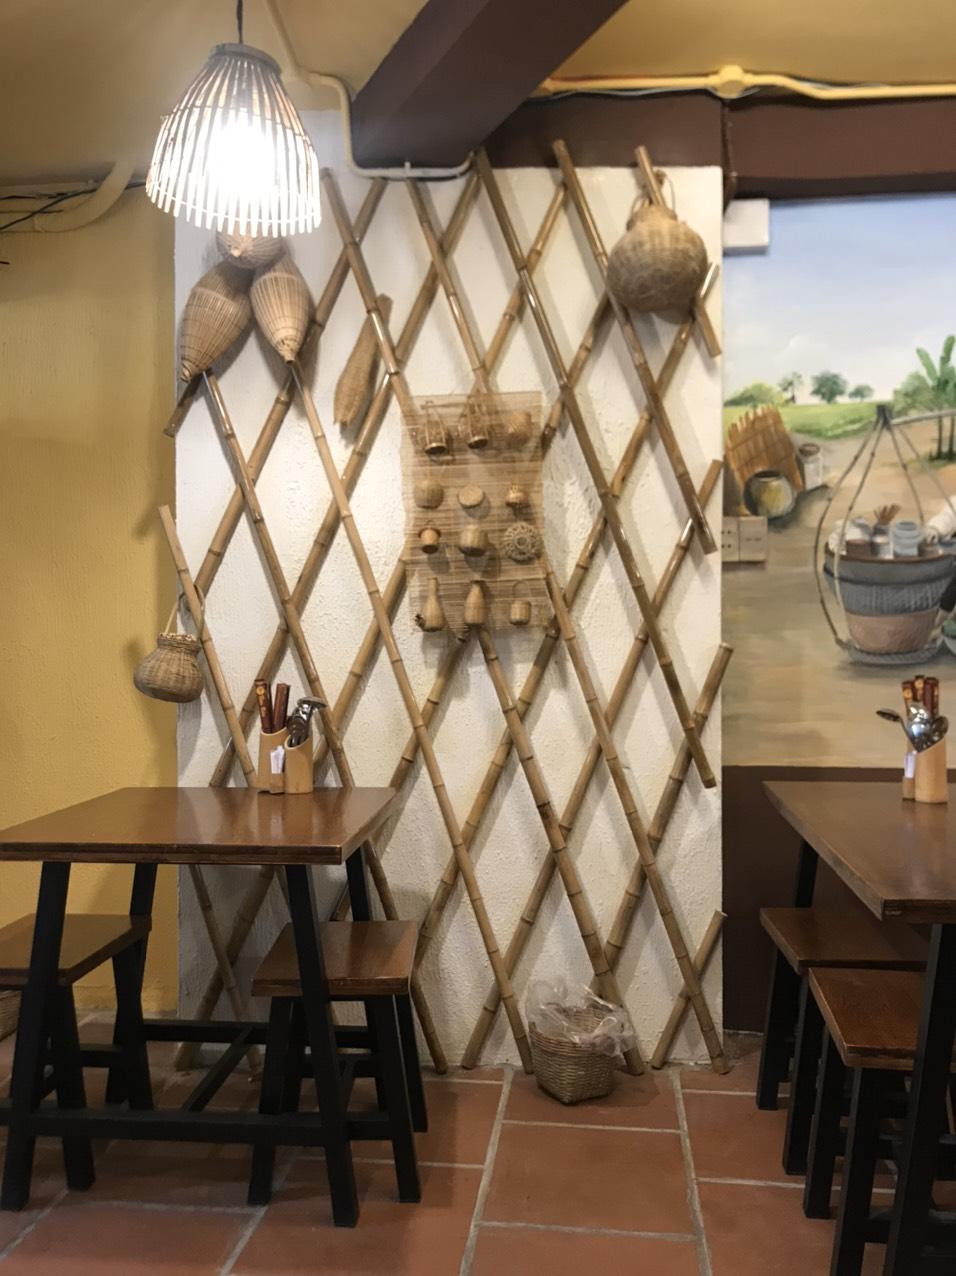 Ốp tường tre trang trí quán bún đậu mắm tôm